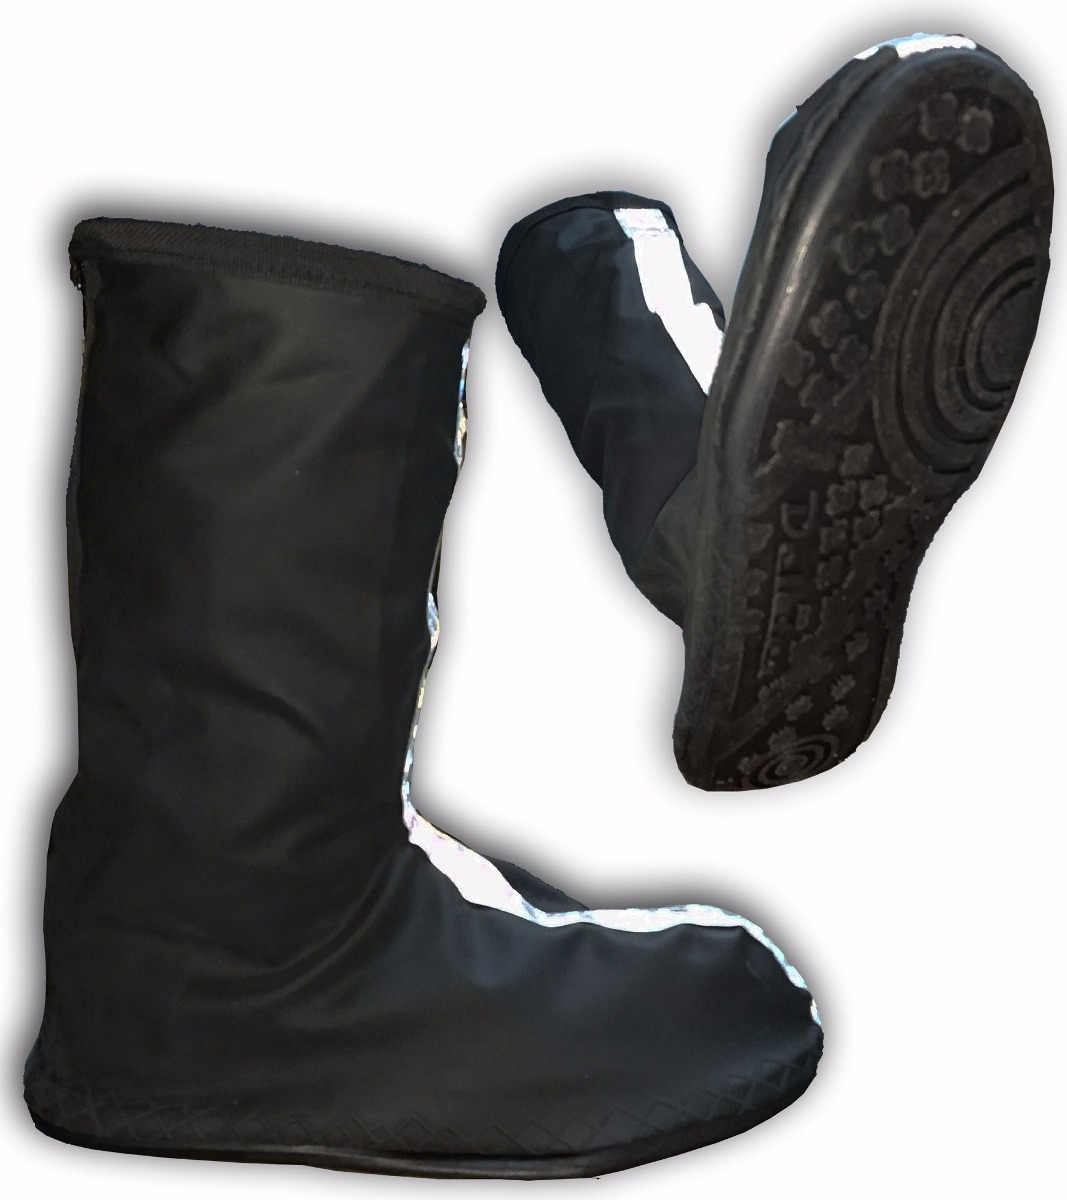 Zapatones De Latex Con Suela - Adrian Store